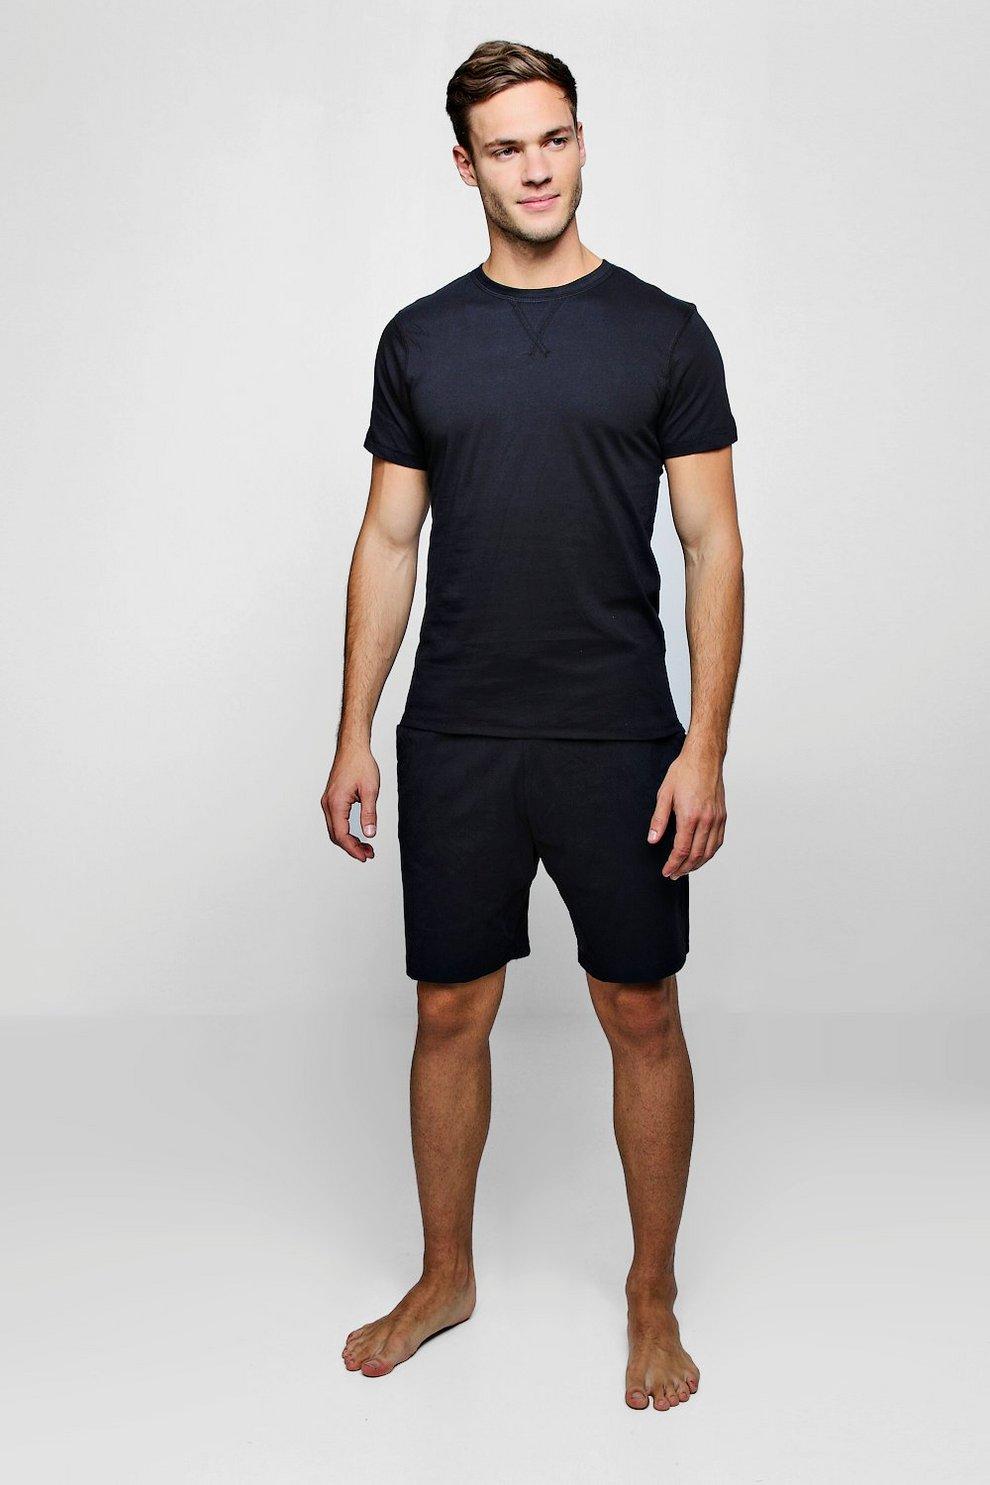 84bedbe2a3 Conjunto de pijama de camiseta y pantalones cortos de punto